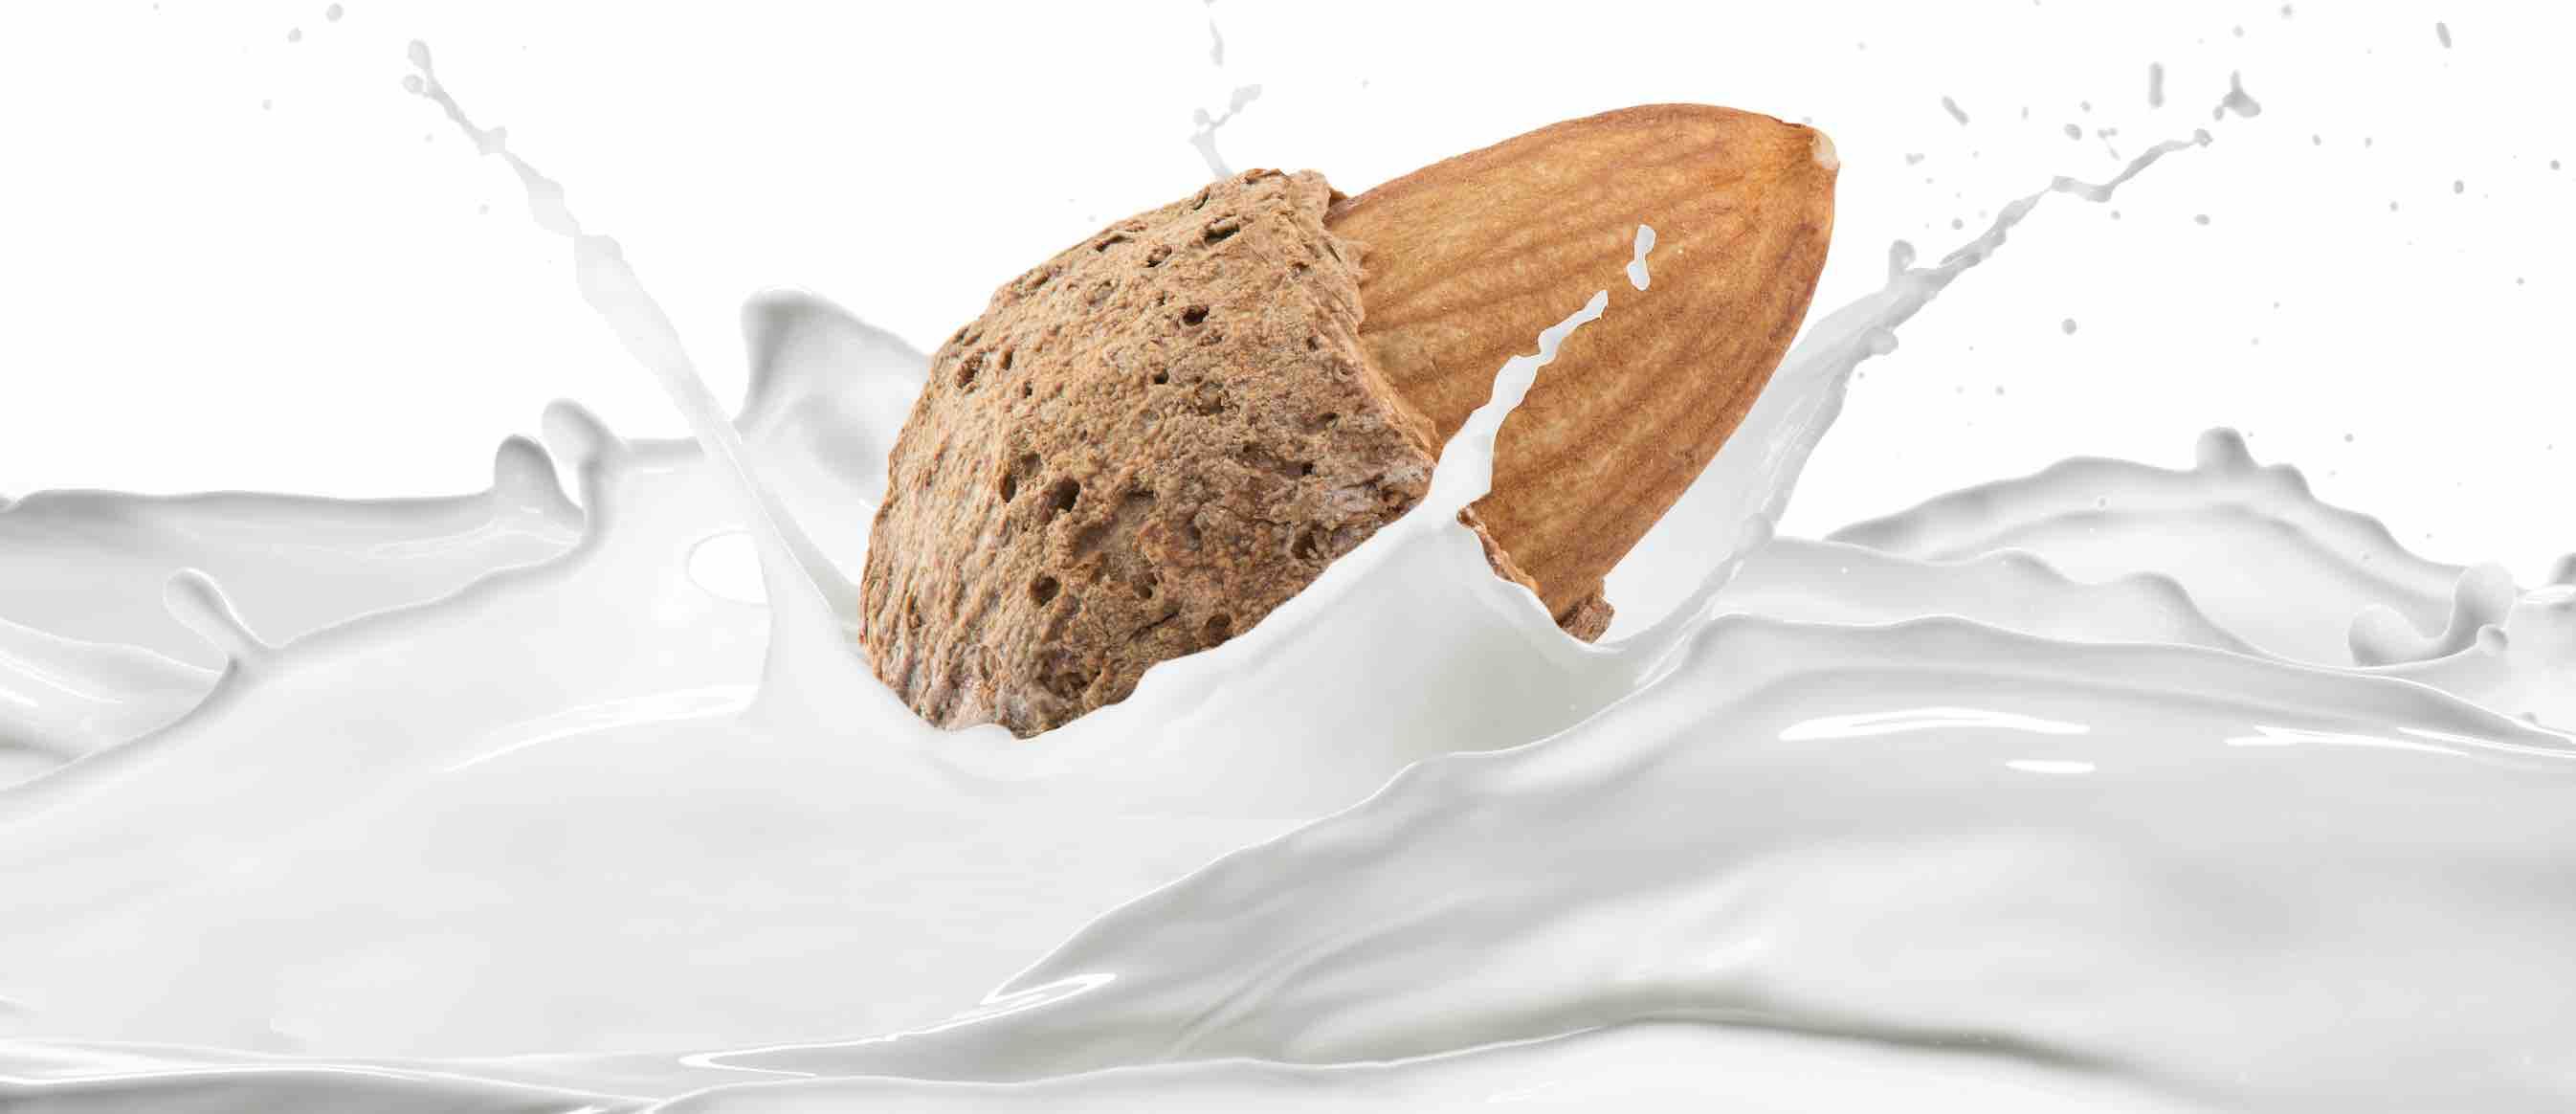 leche de almendras marcas y precios